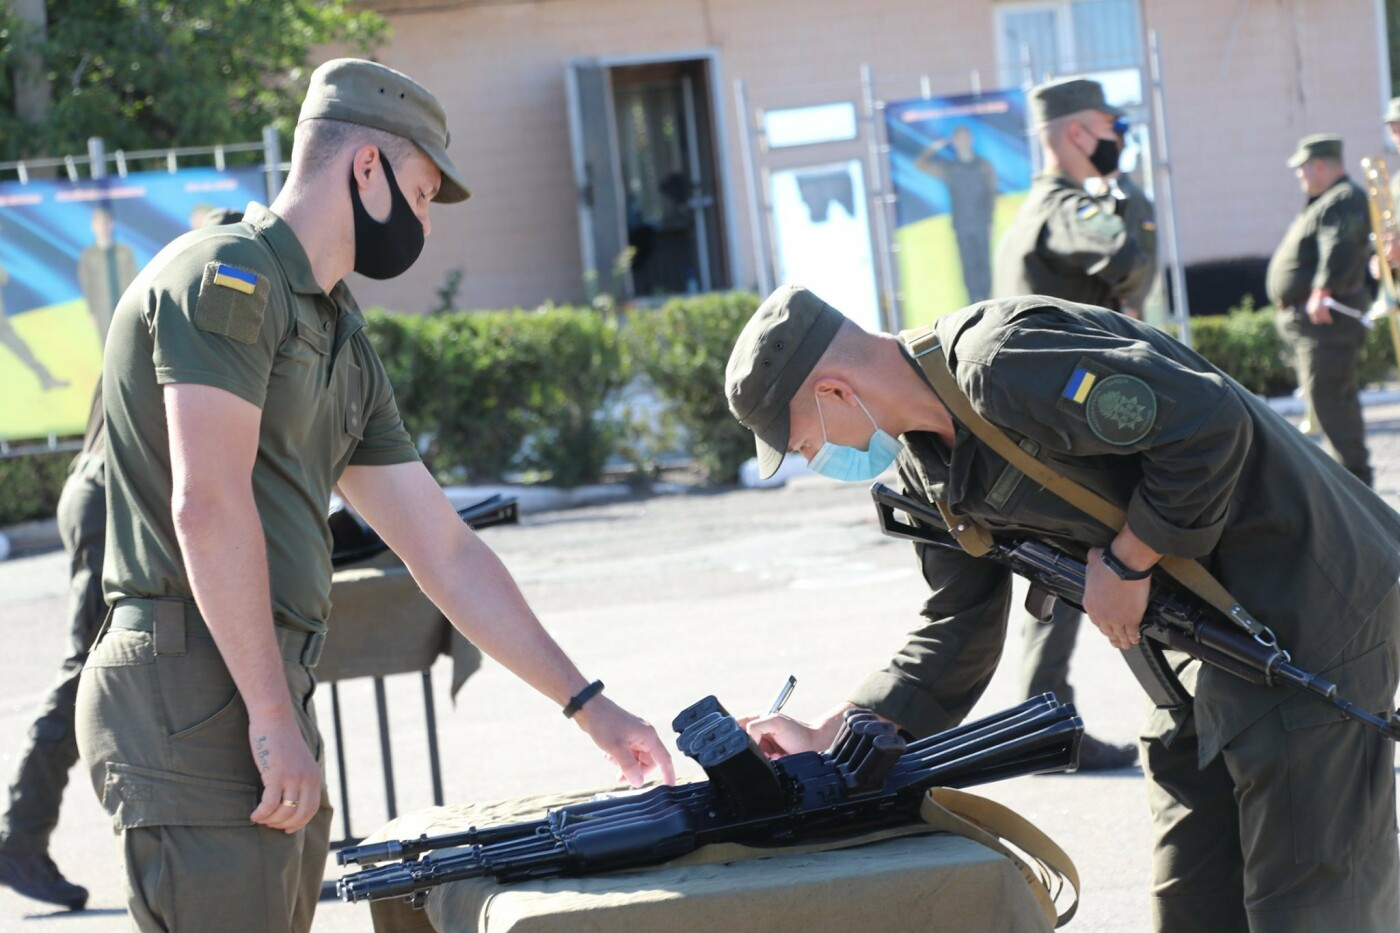 В Криворожской бригаде Нацгвардии новобранцы получили боевое оружие, - ФОТО, фото-5